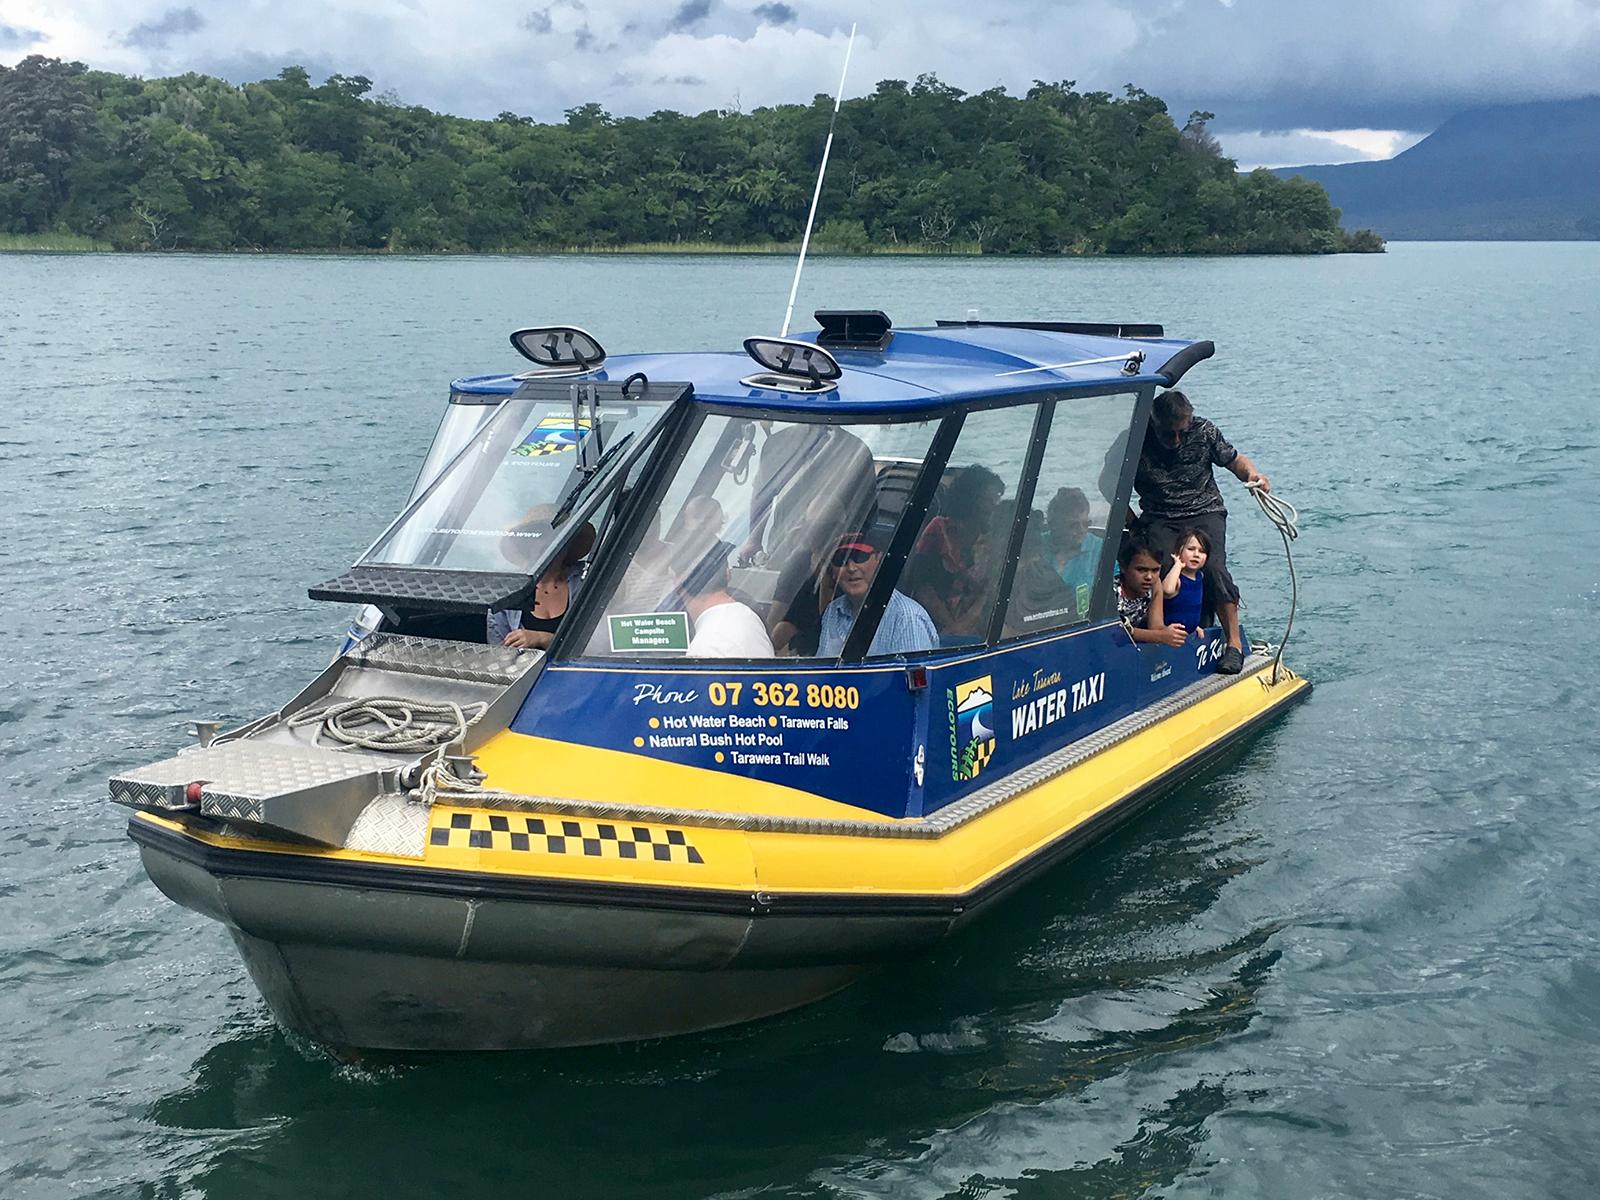 デイビッドの湖上タクシー。お隣さんだが、やはり一番会うのは湖でだ。湖の真ん中でぼくのボートが故障した時、このボートで引っ張ってくれたこともある。